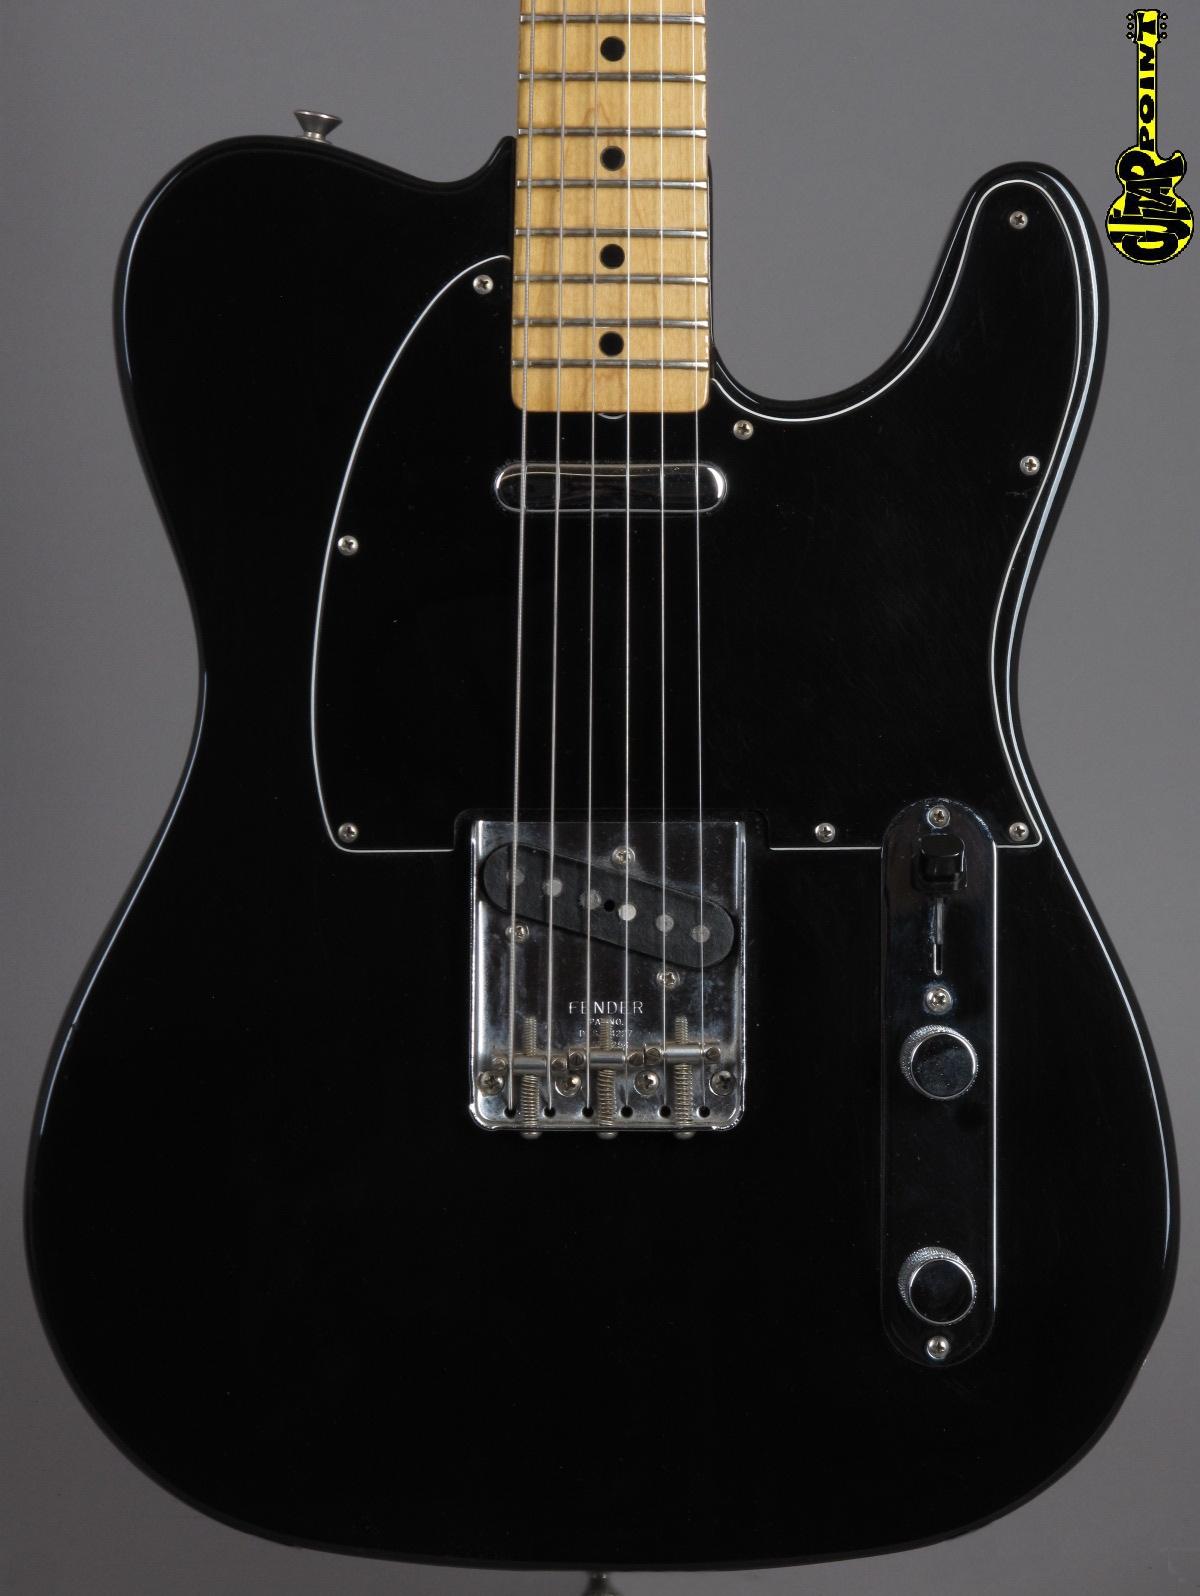 1978 Fender Telecaster - Black